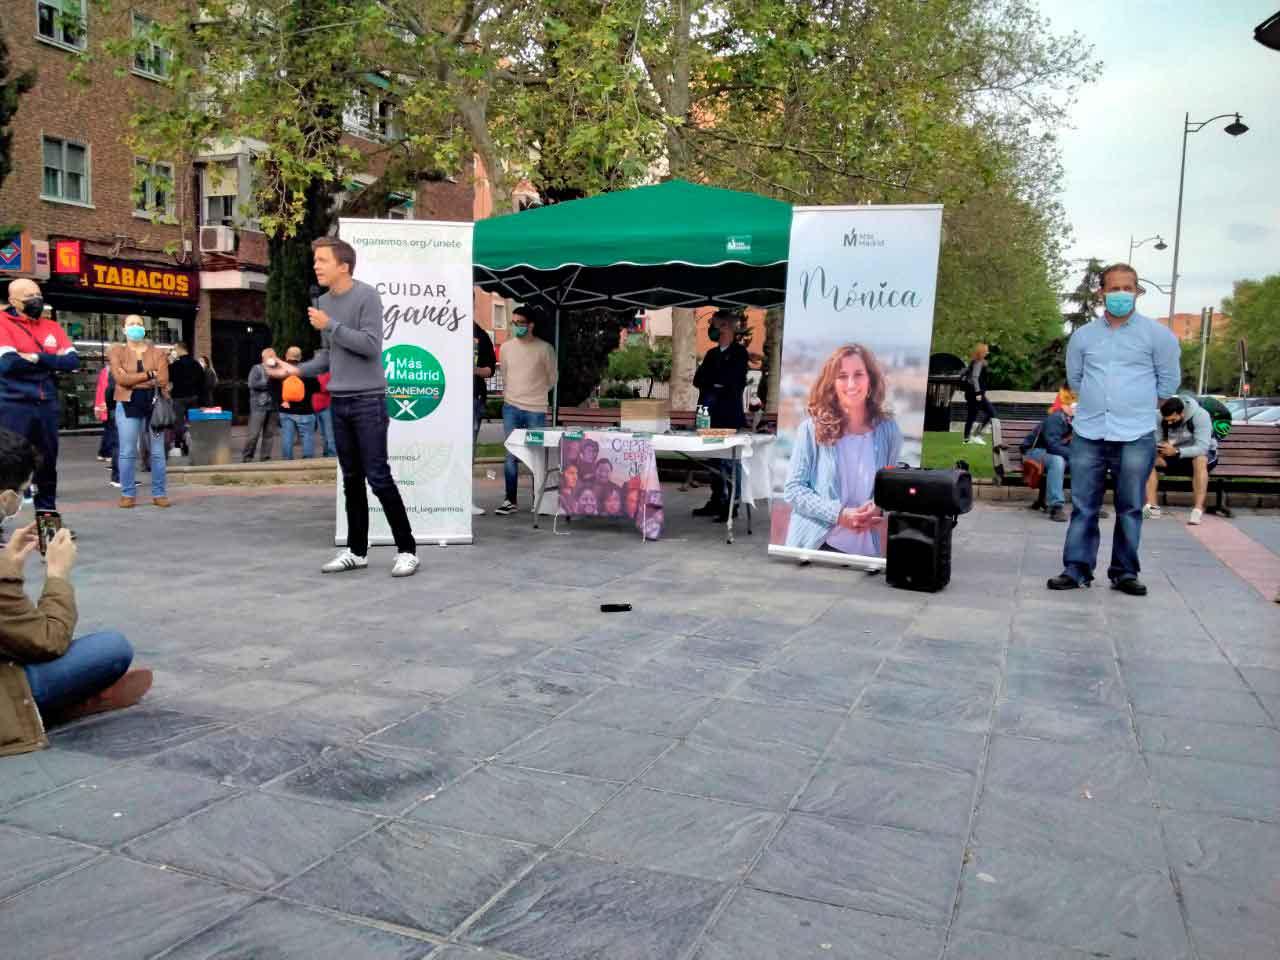 Manuela Bergerot Más Madrid Elecciones 4 de mayo 4M